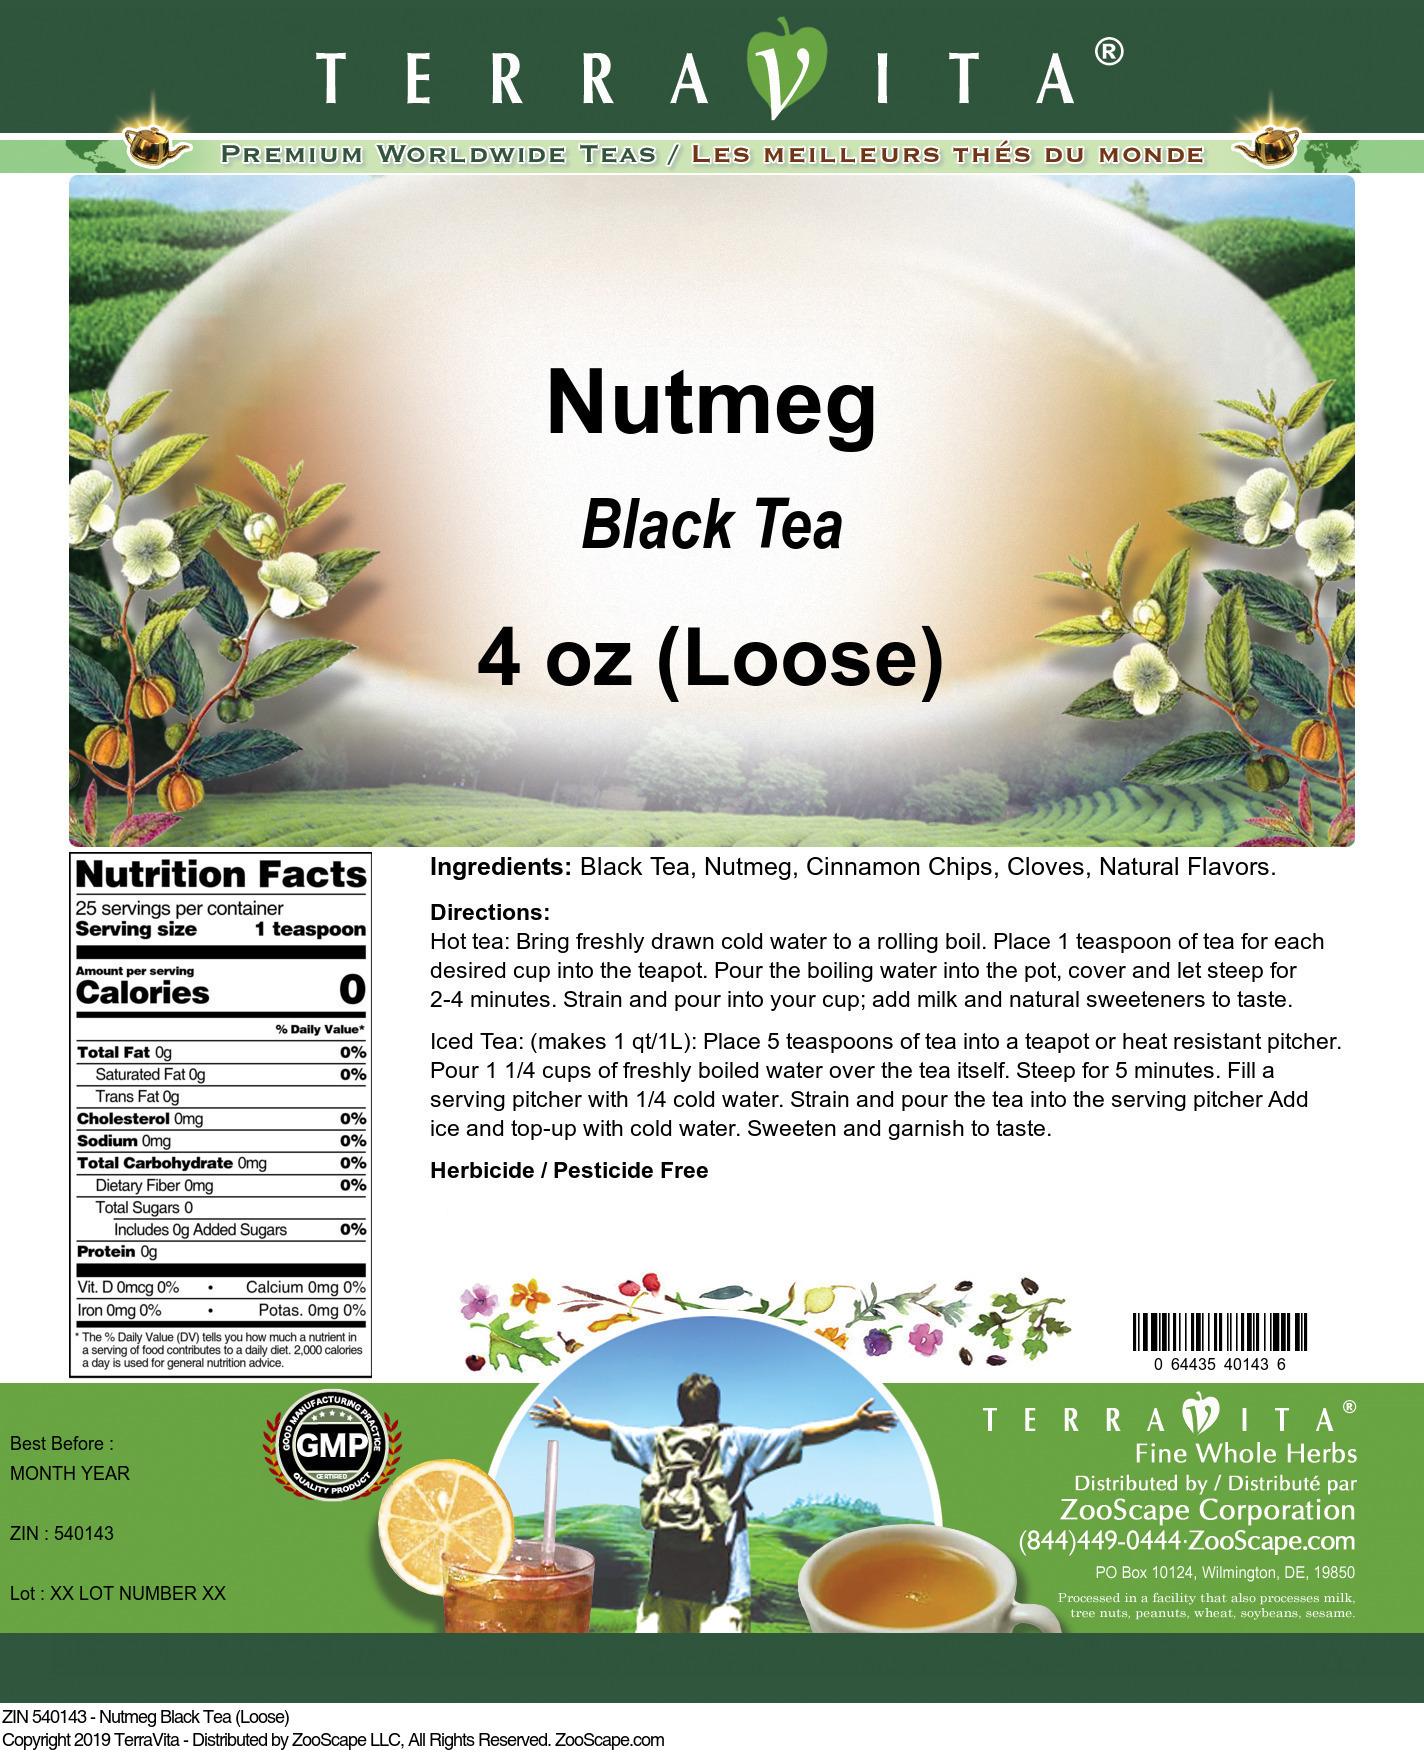 Nutmeg Black Tea (Loose)